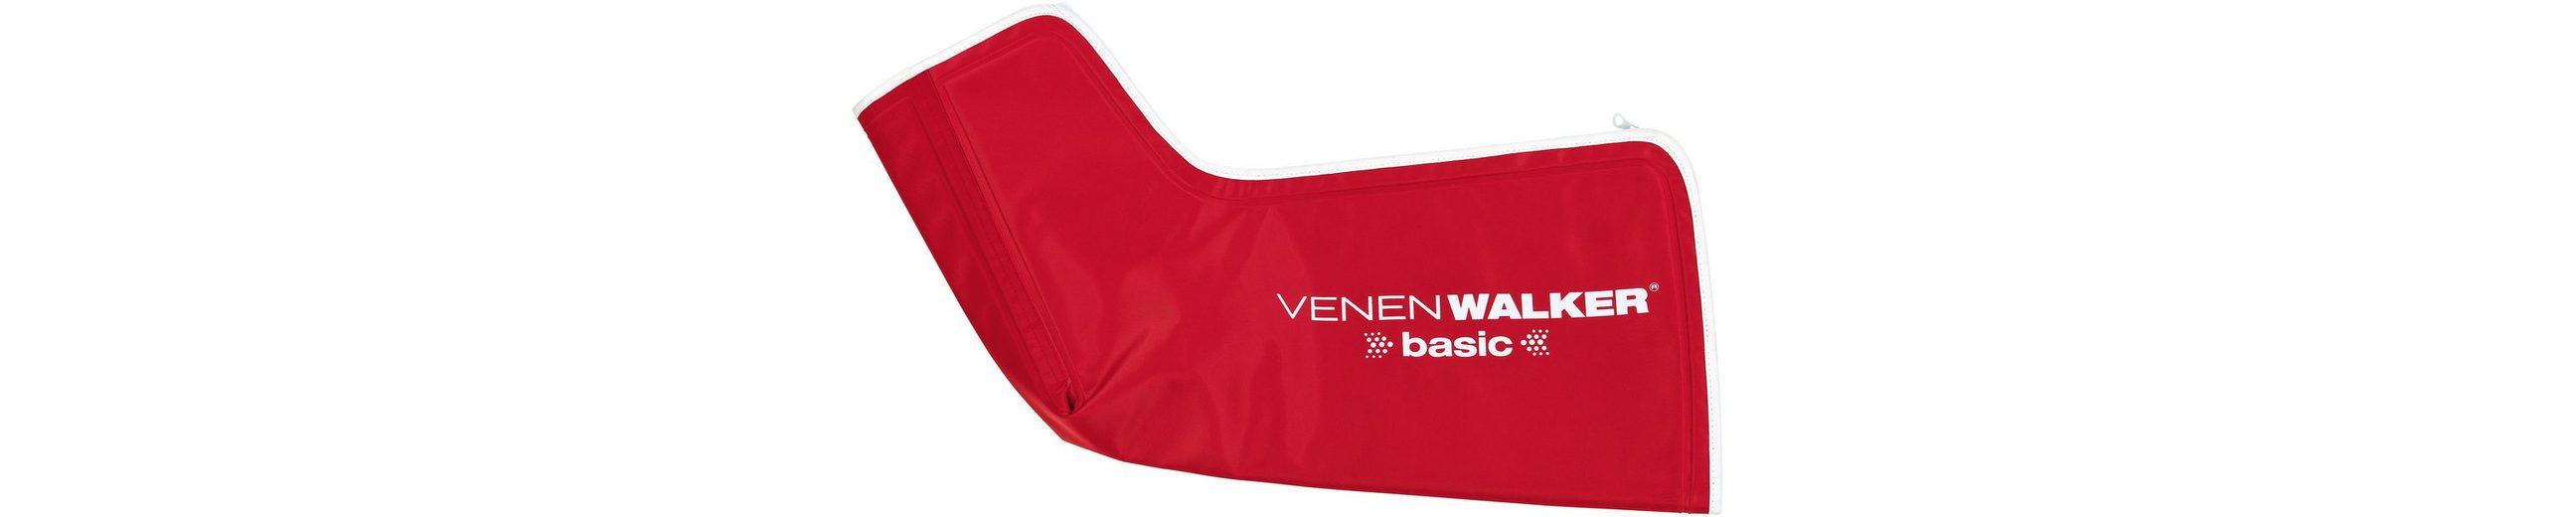 vitalmaxx Venen Walker Basic rot